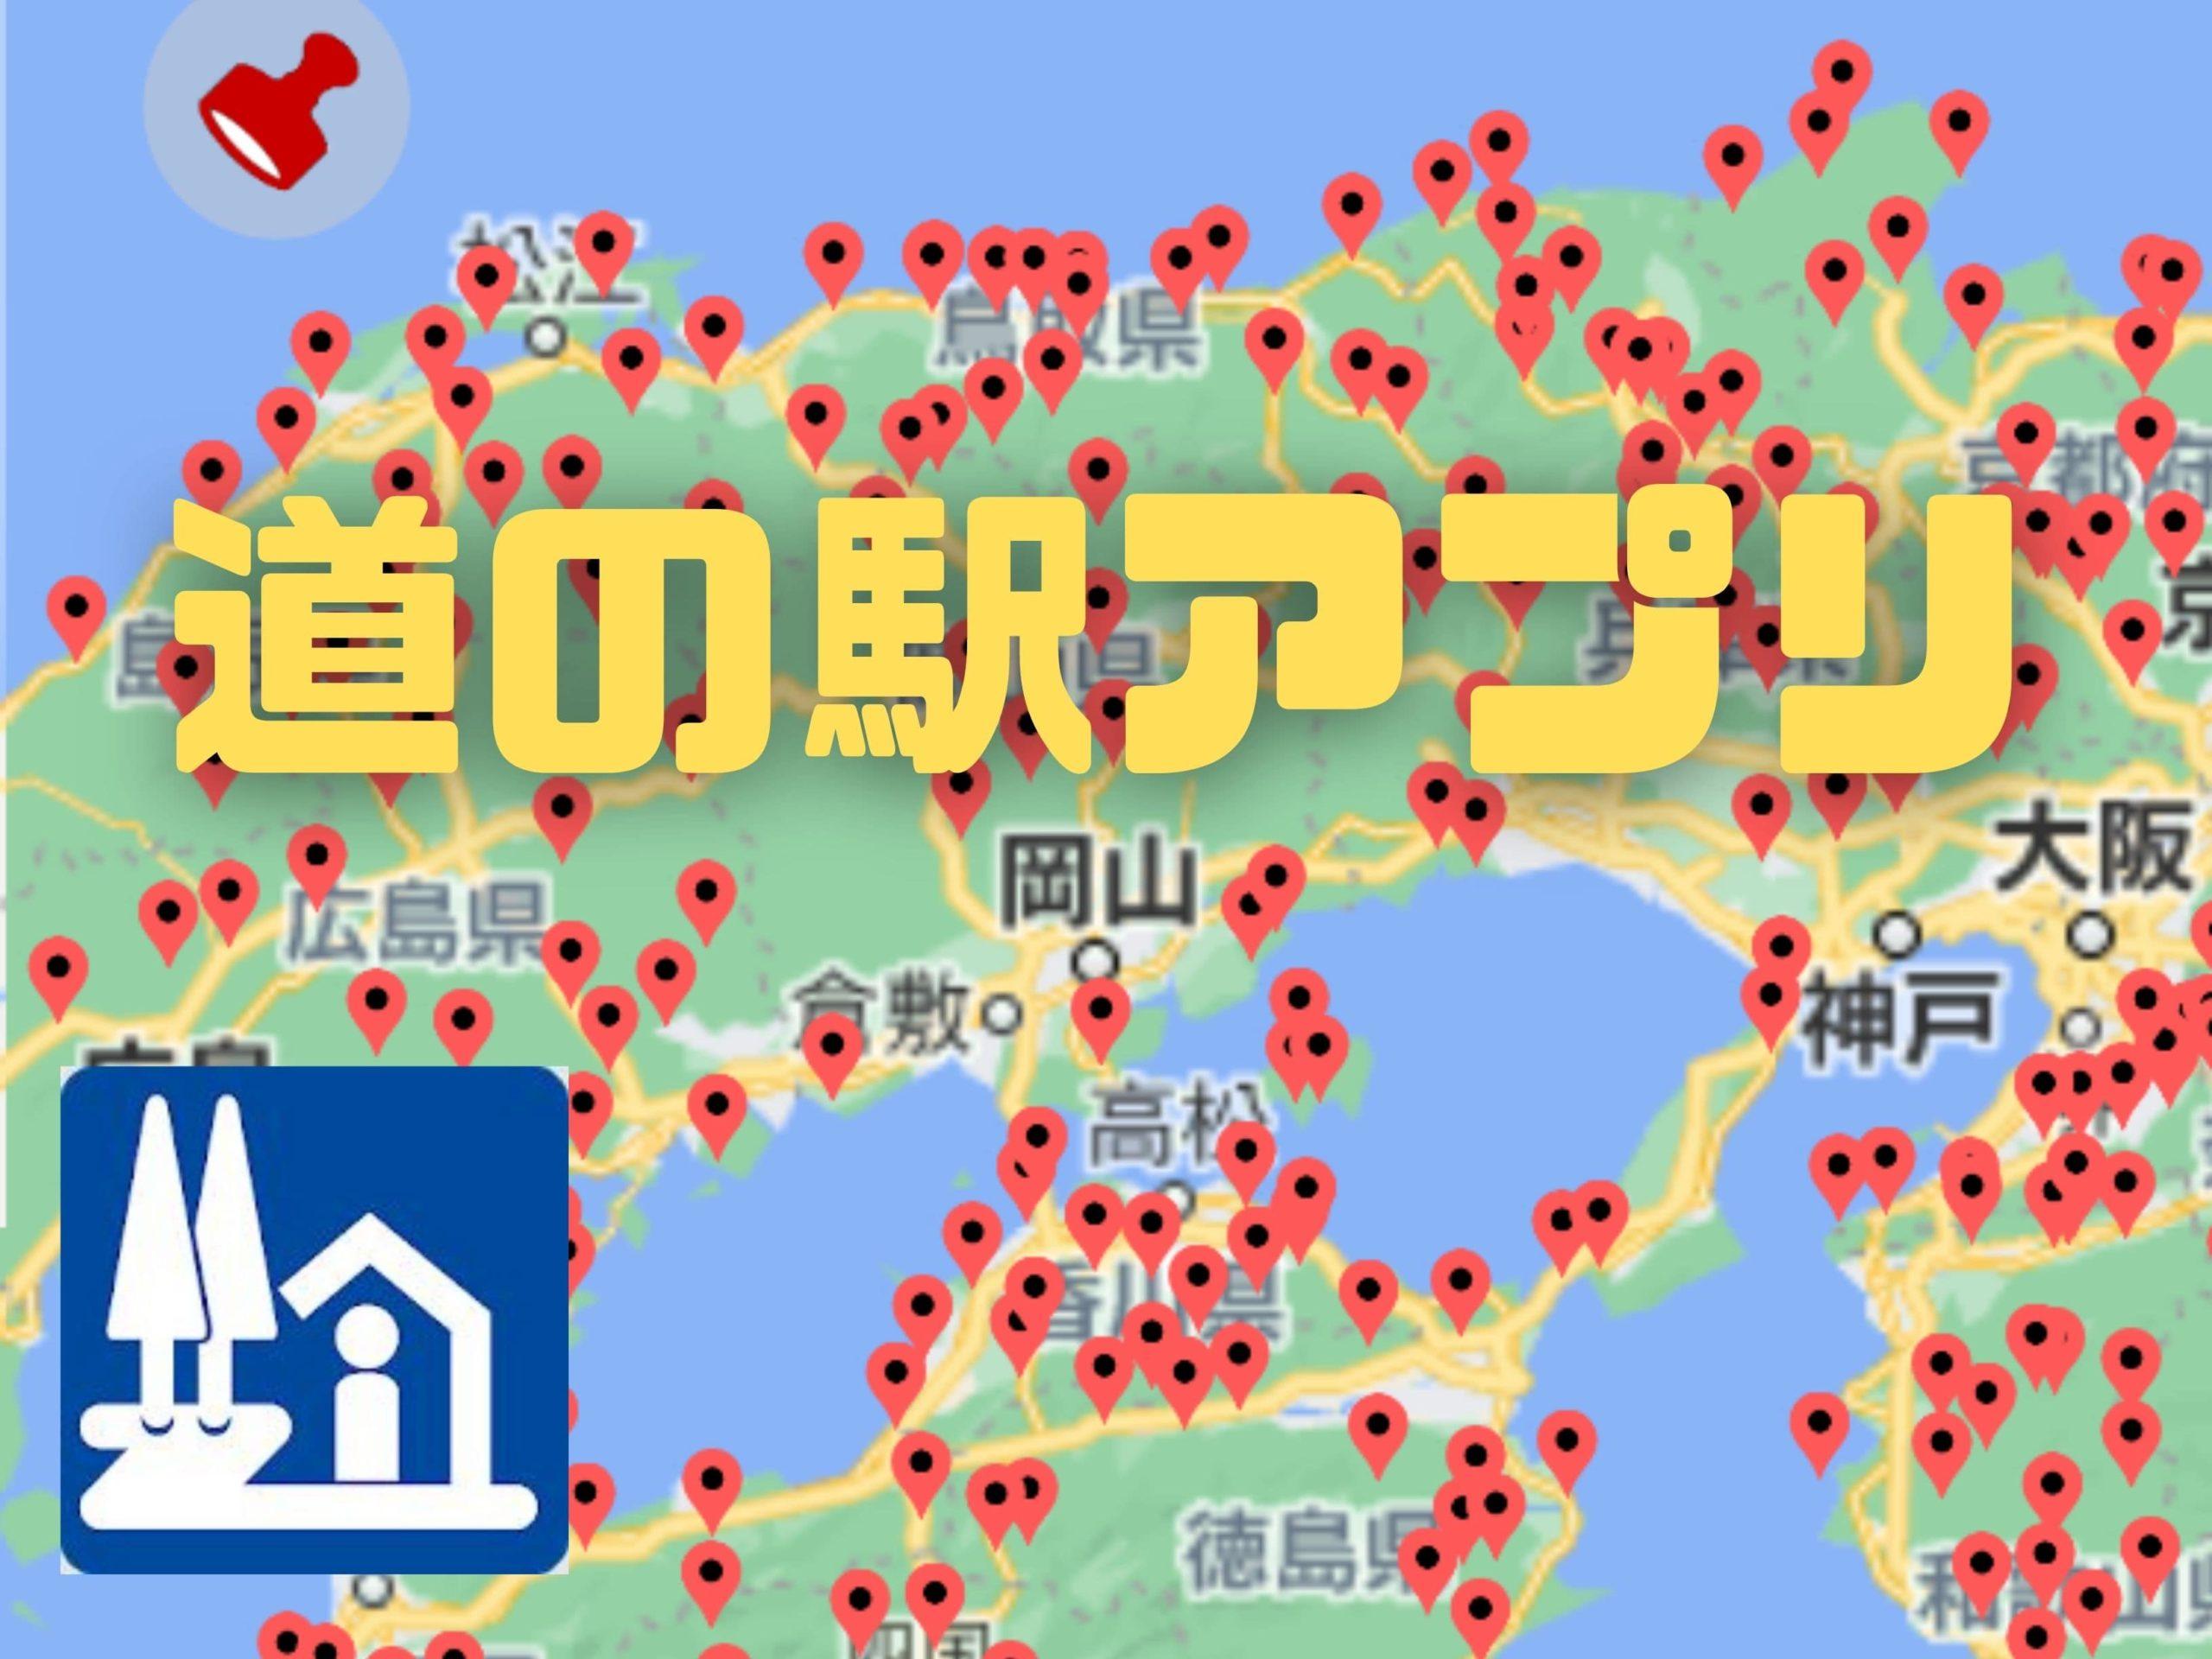 【車中泊するなら必須】道の駅探索アプリを紹介します【無料】